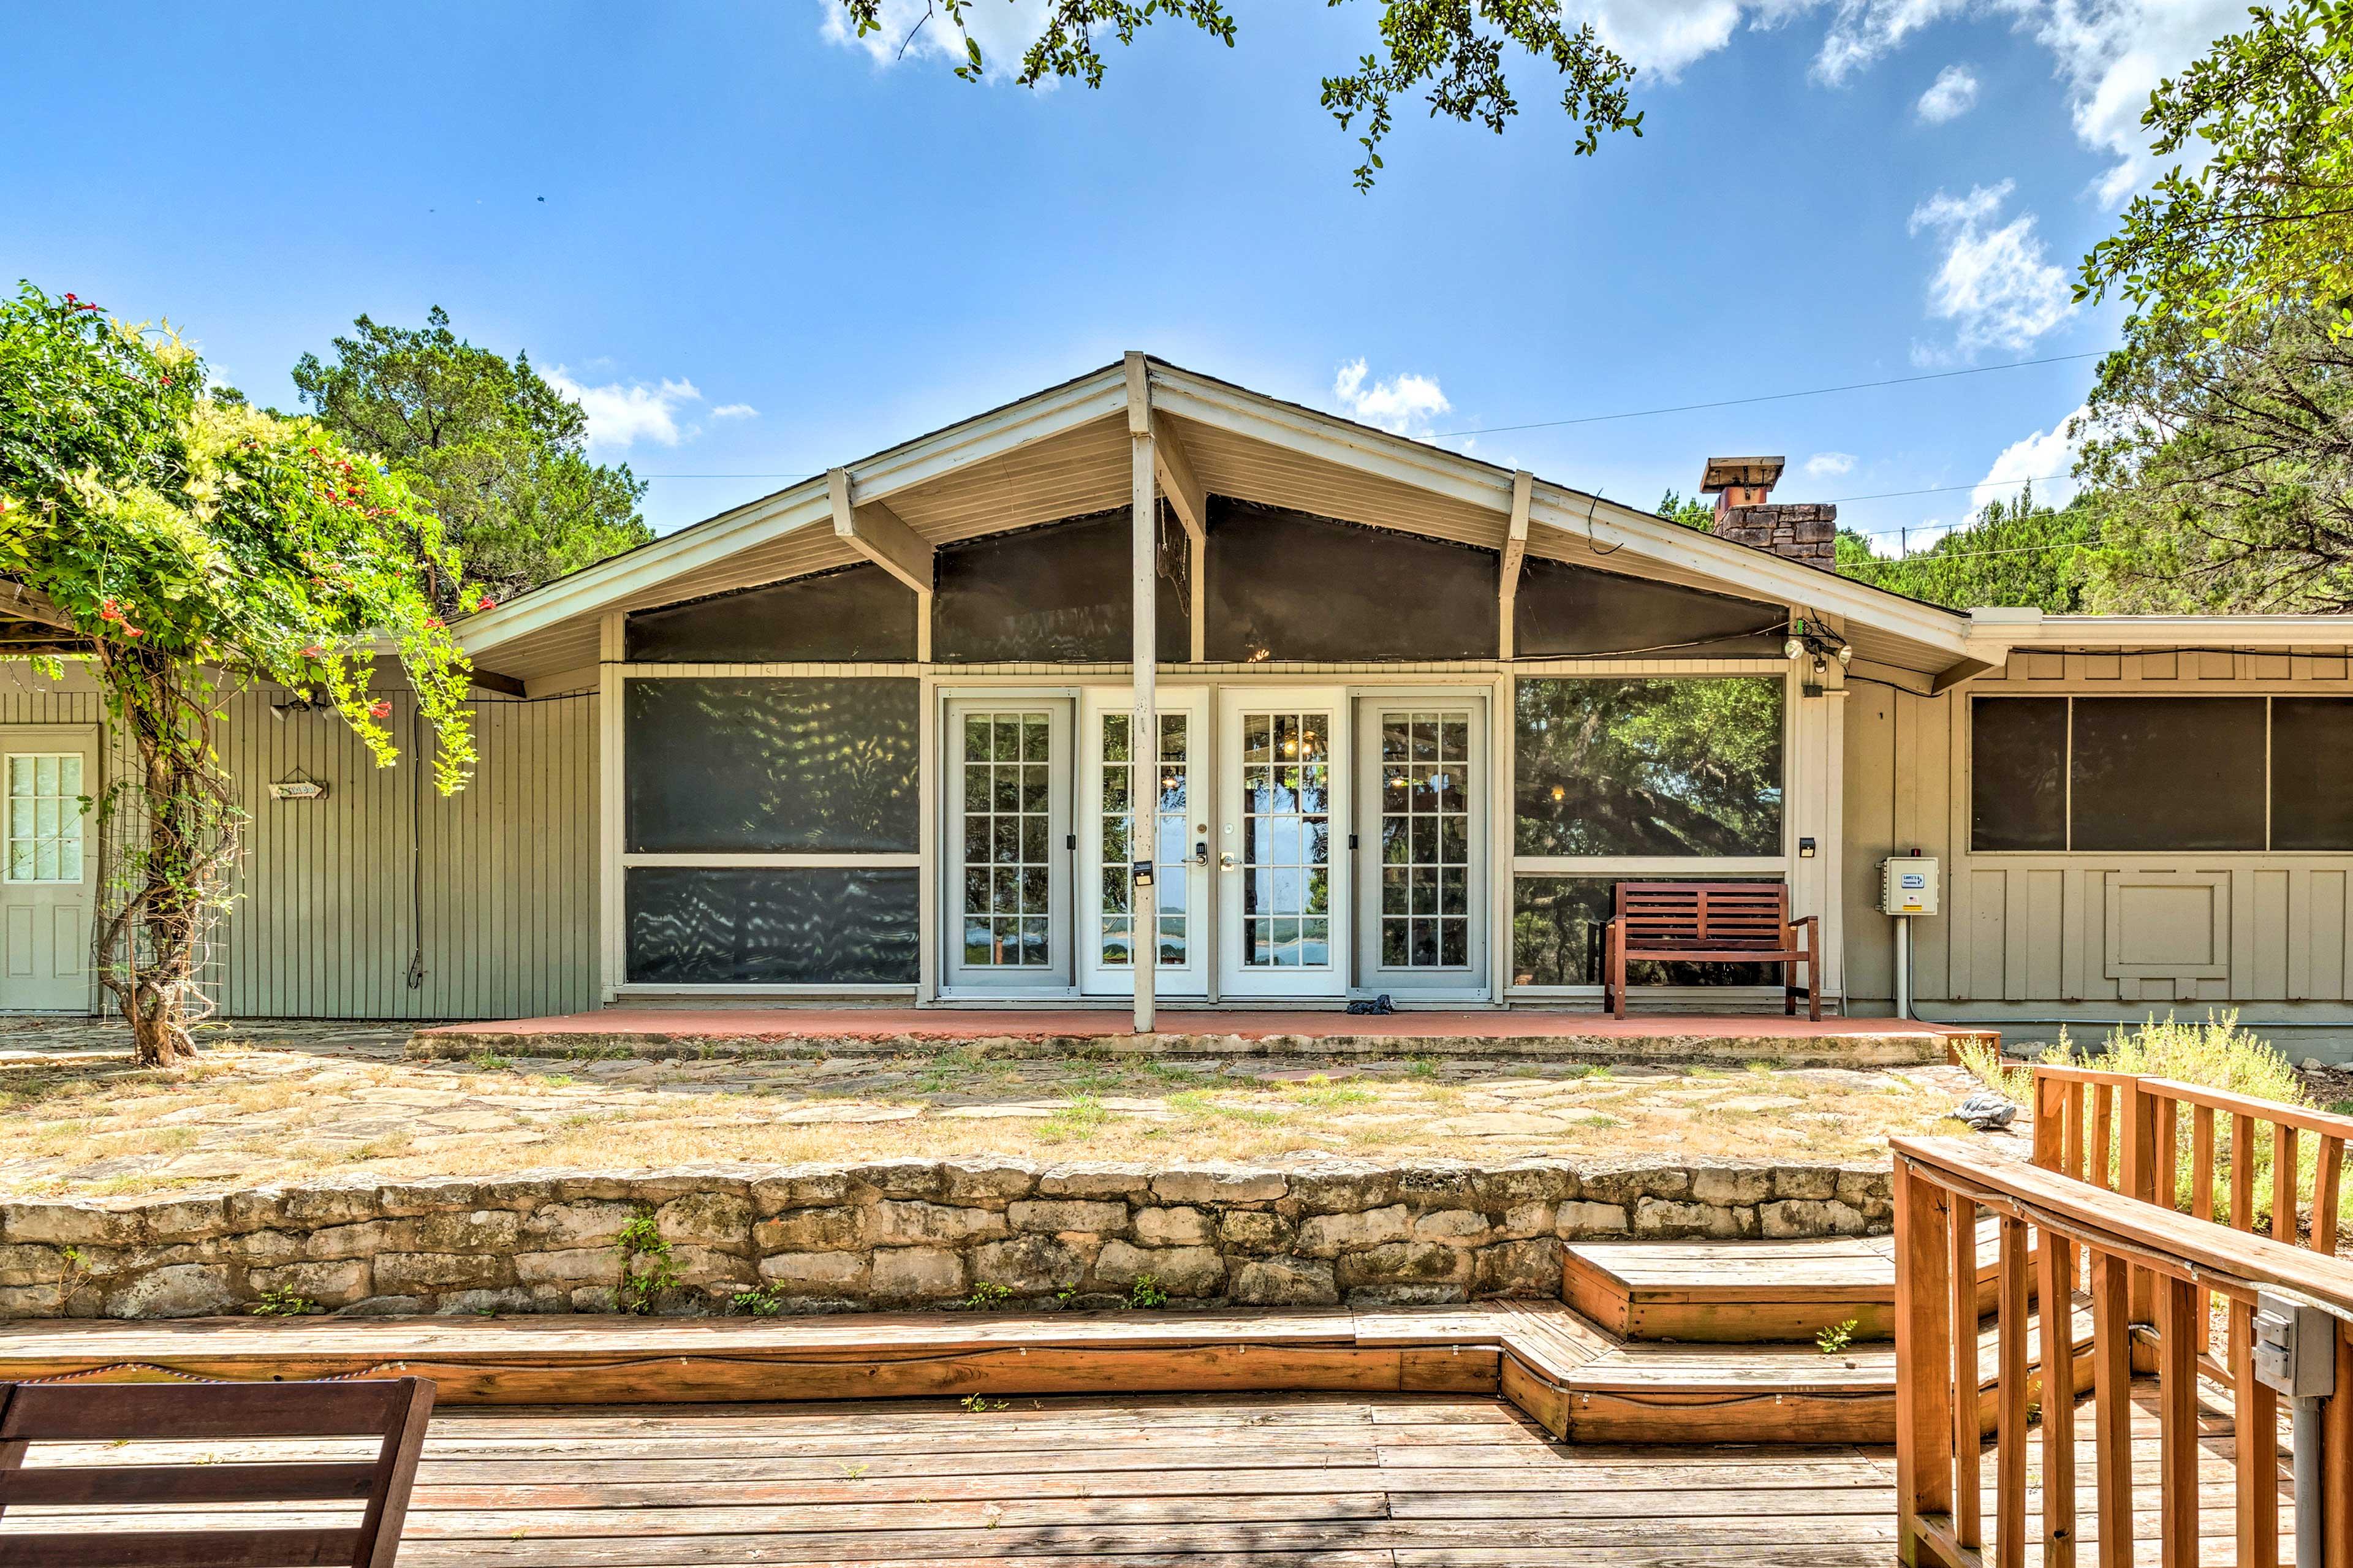 Visit this 3-bedroom, 2-bathroom vacation rental in Lago Vista, Texas!